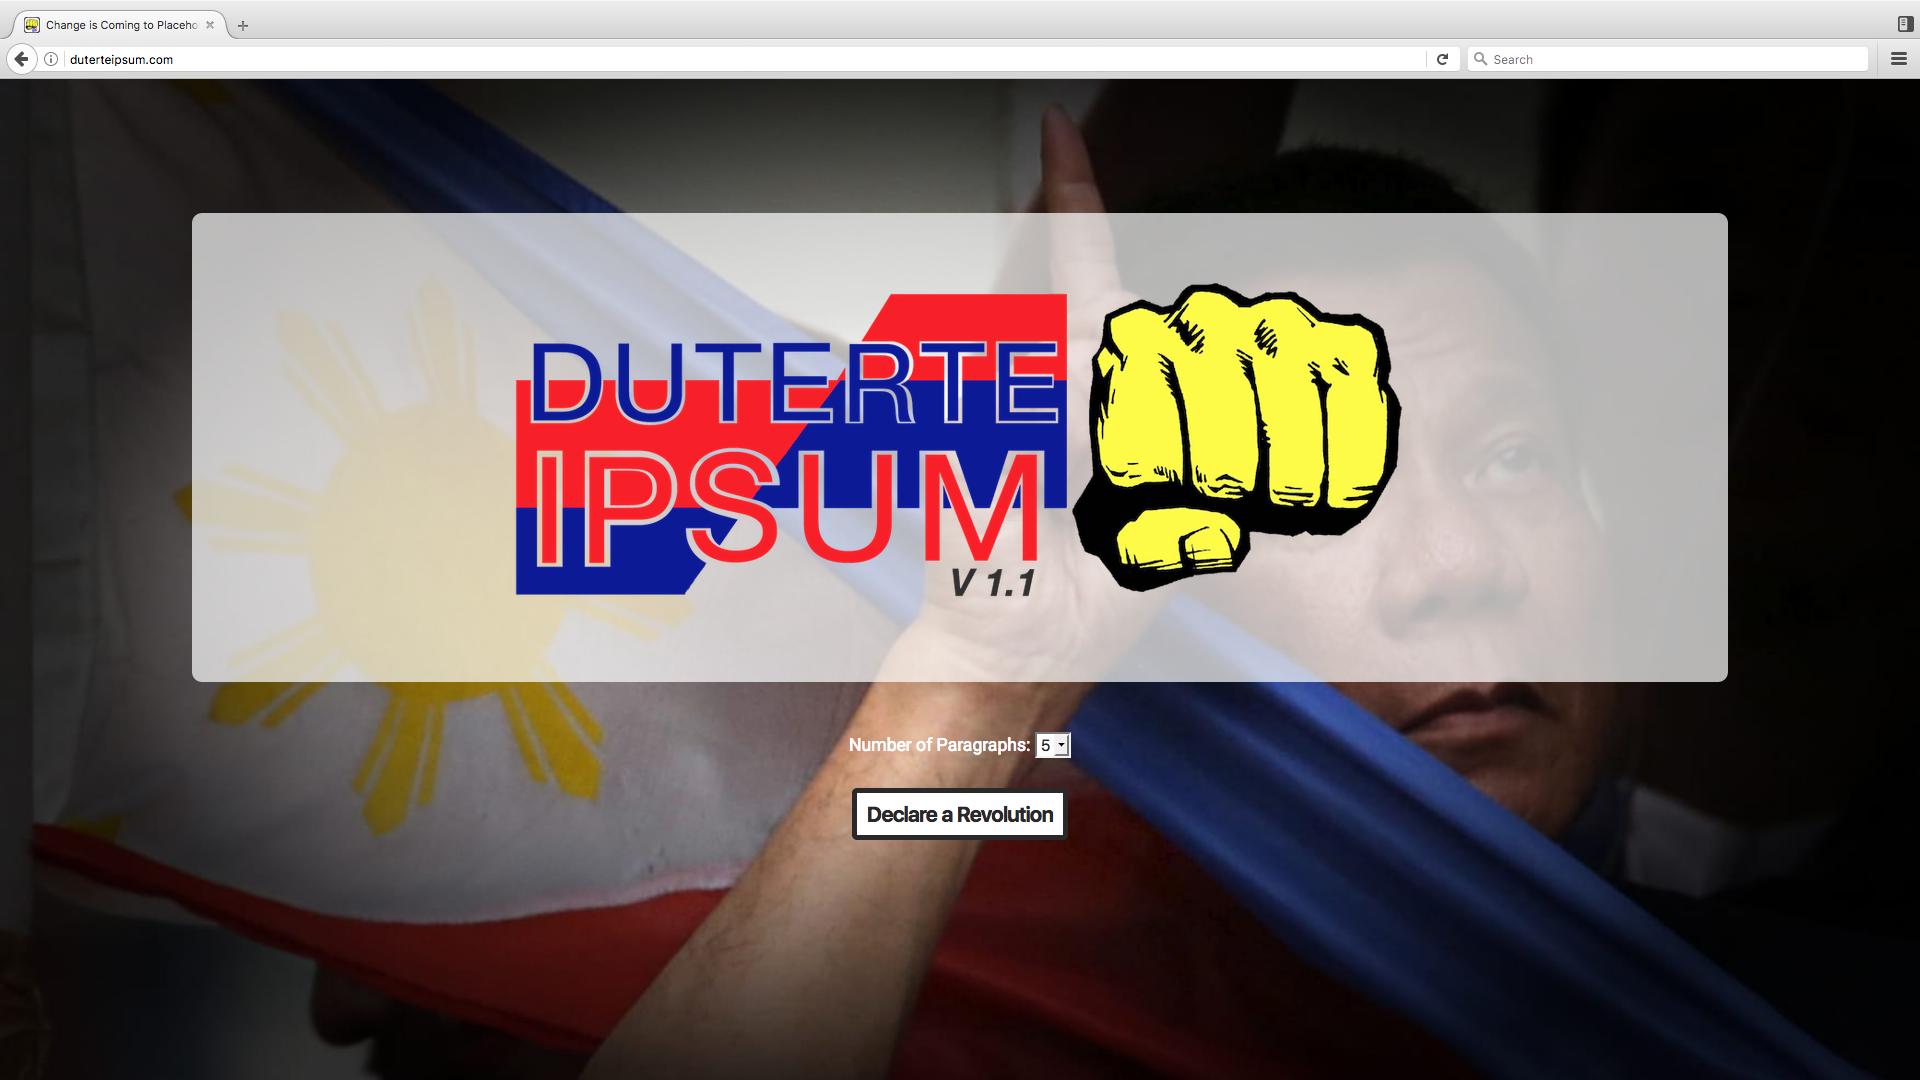 Duterte Ipsum website picture